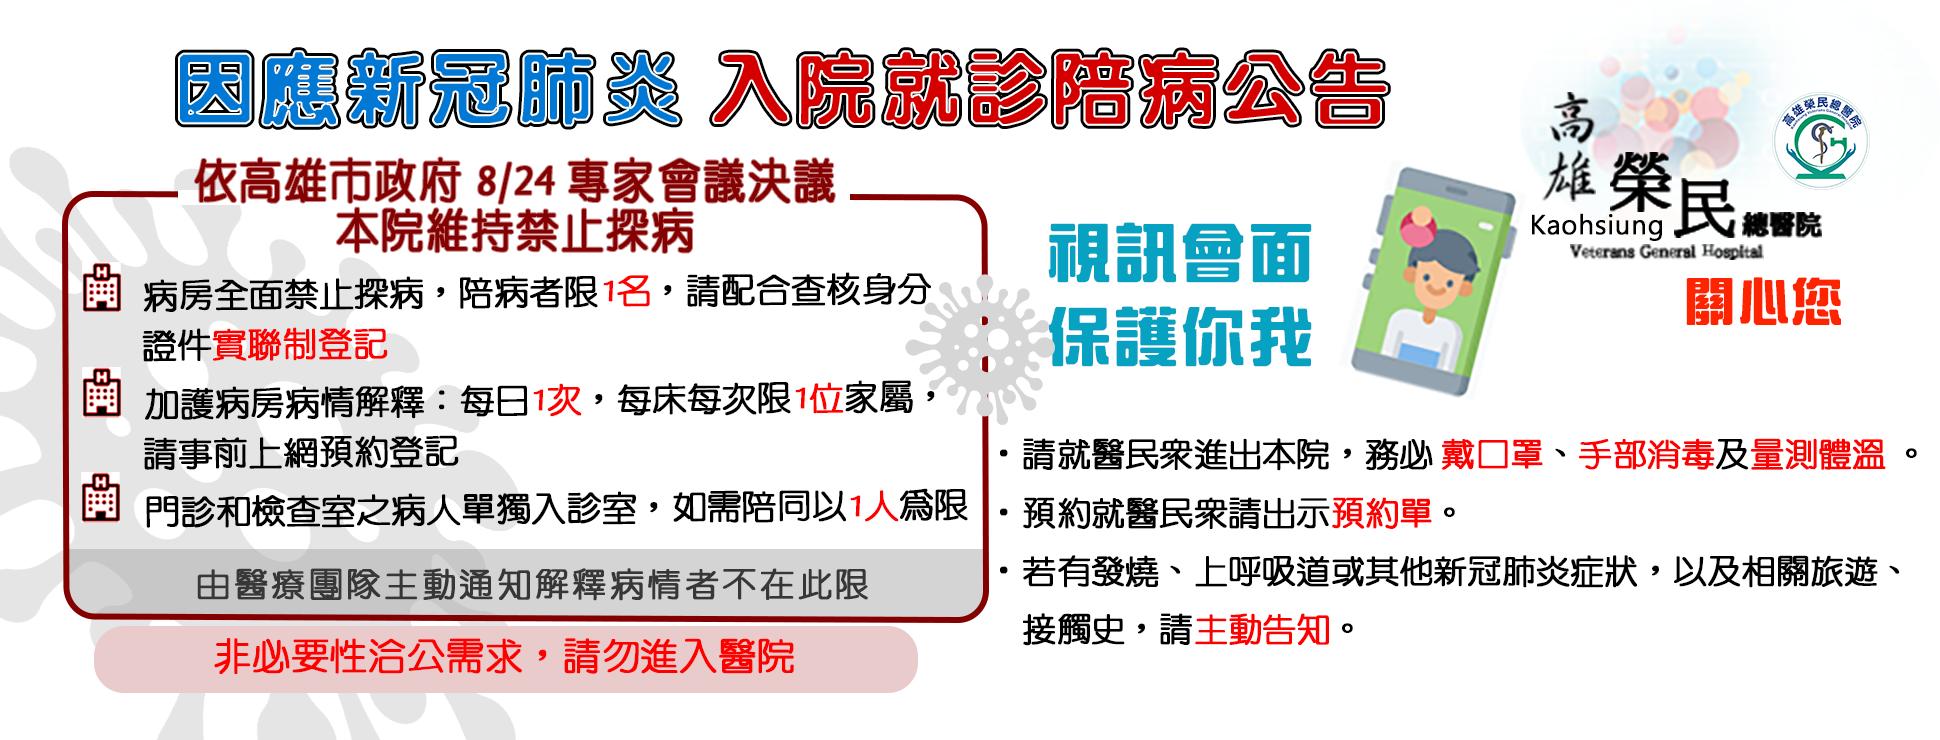 1100824「醫企部」 - 依高雄市政府8/24專家會議決議 本院維持禁止探病(圖片)